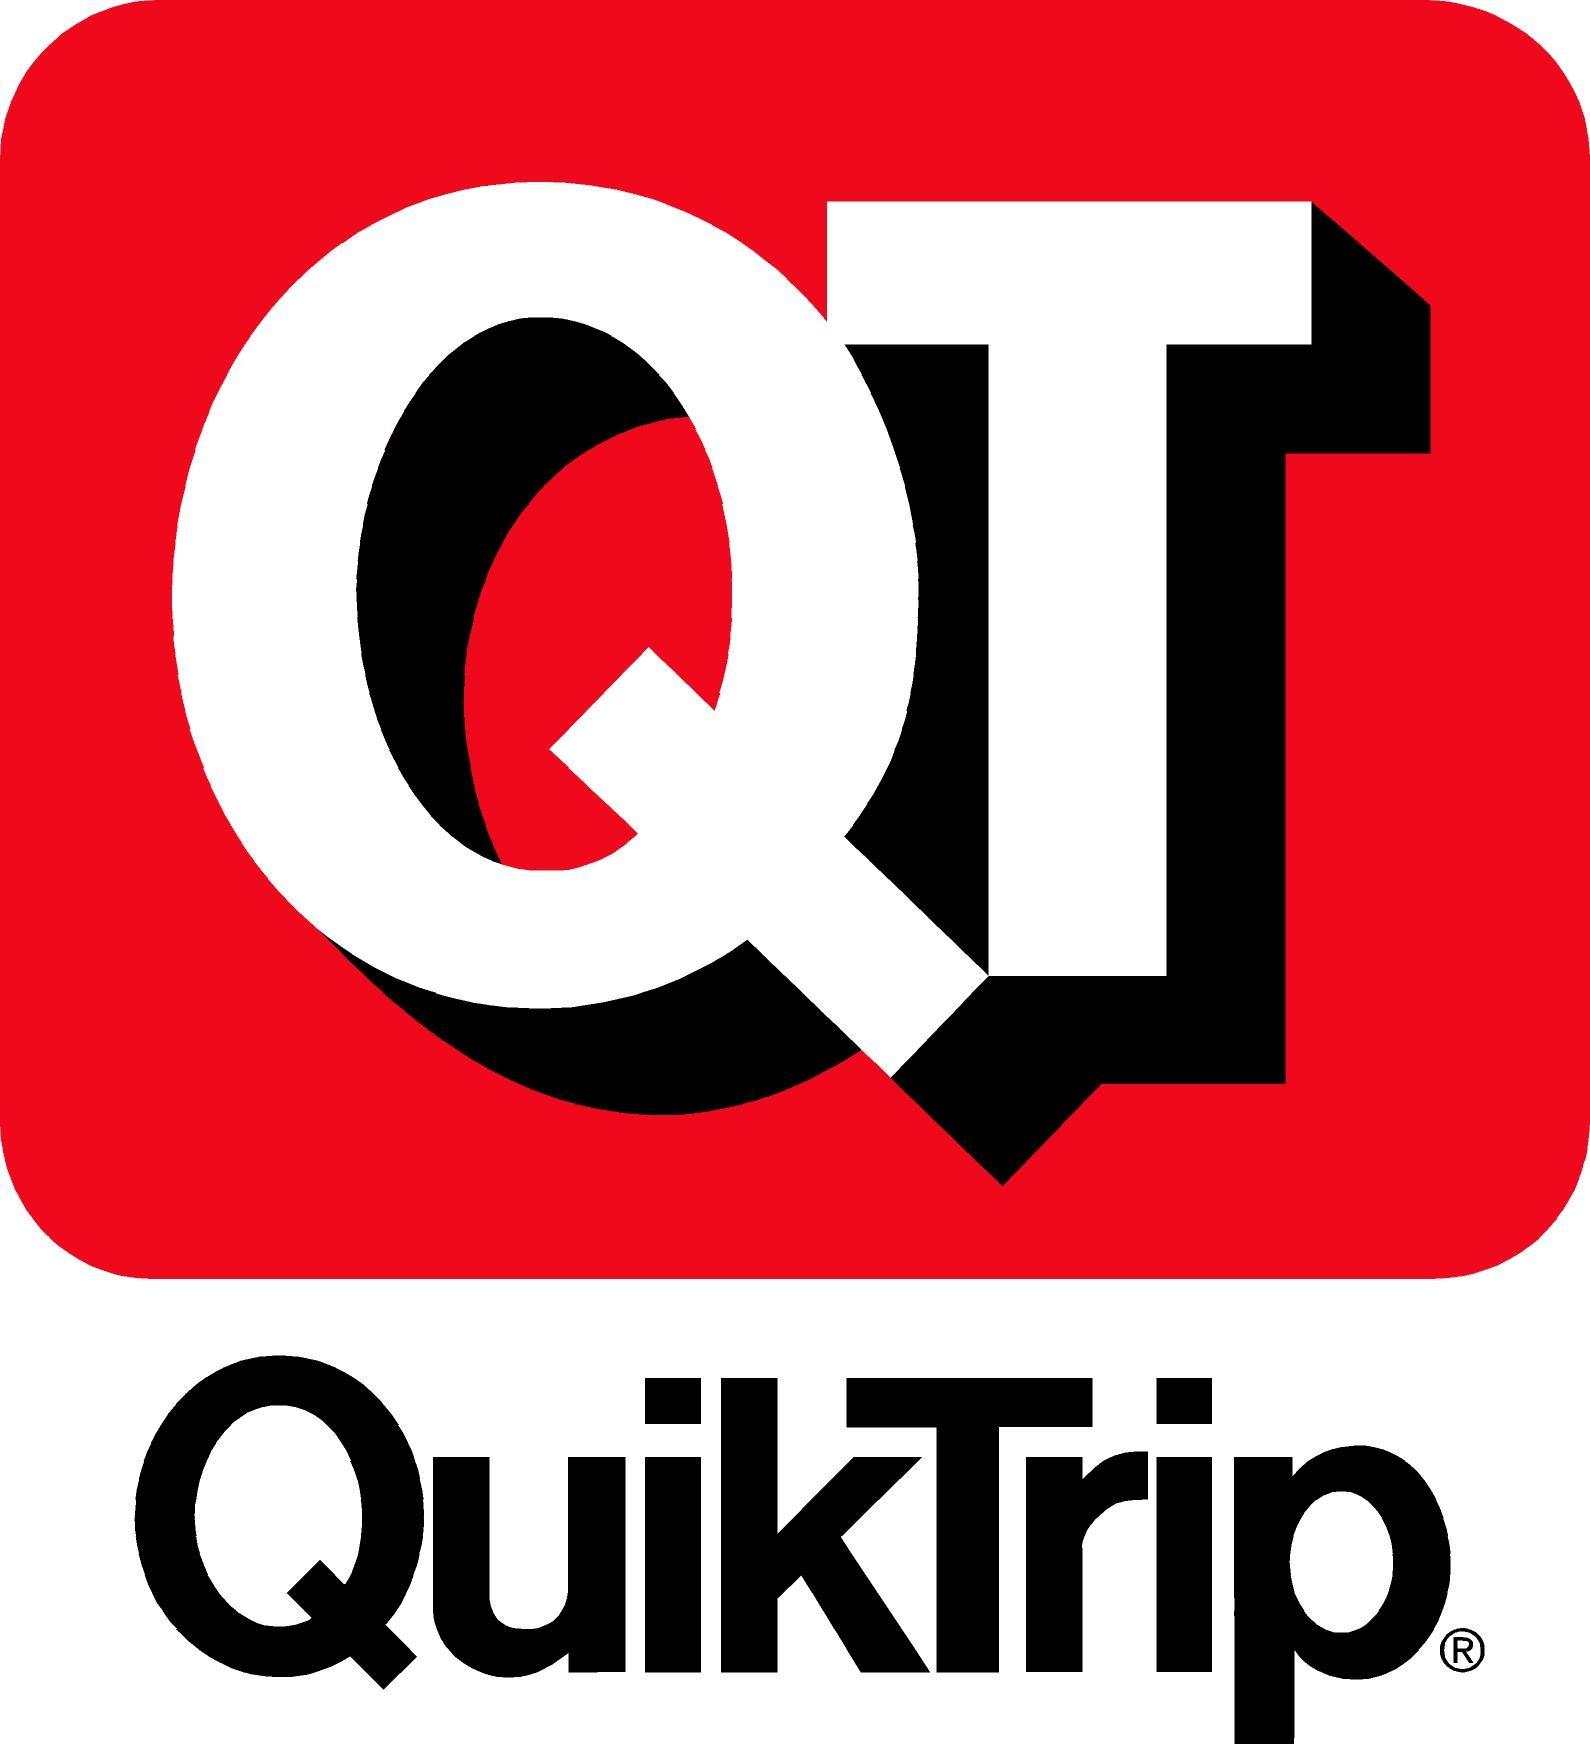 QuikTrip_logo1.jpg